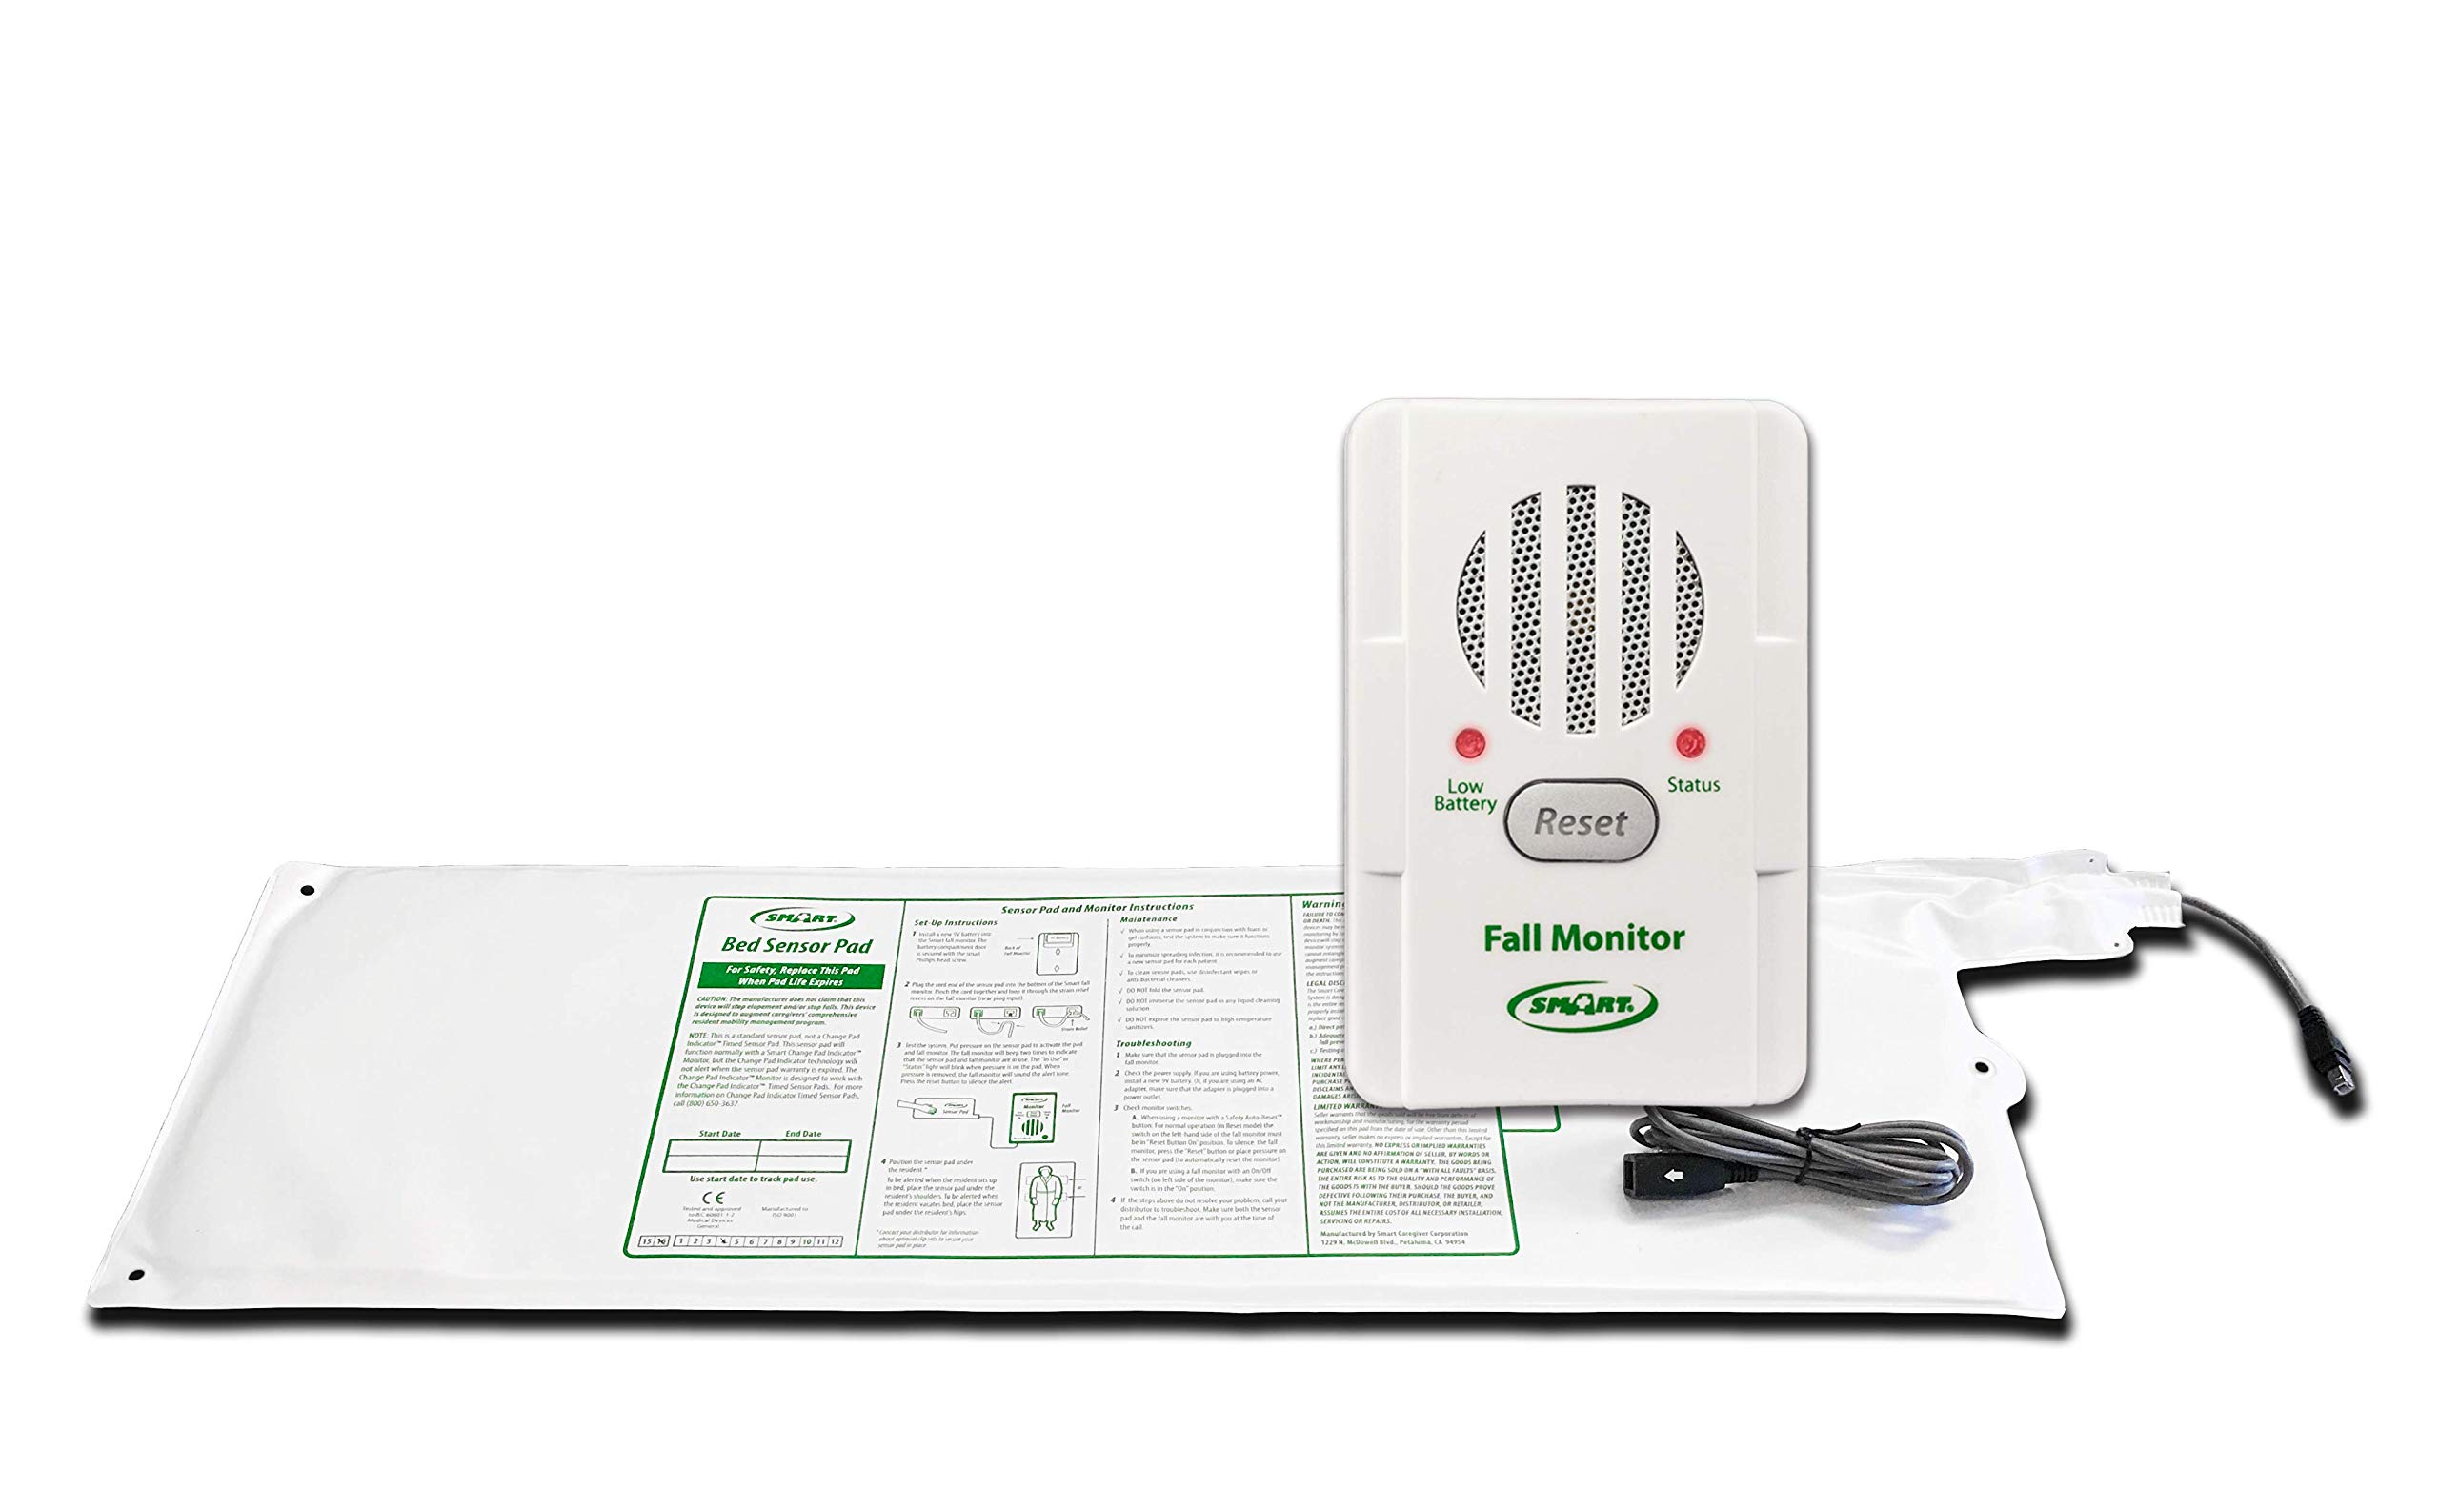 Smart Caregiver Bed Alarm and Sensor Pad by Smart Caregiver